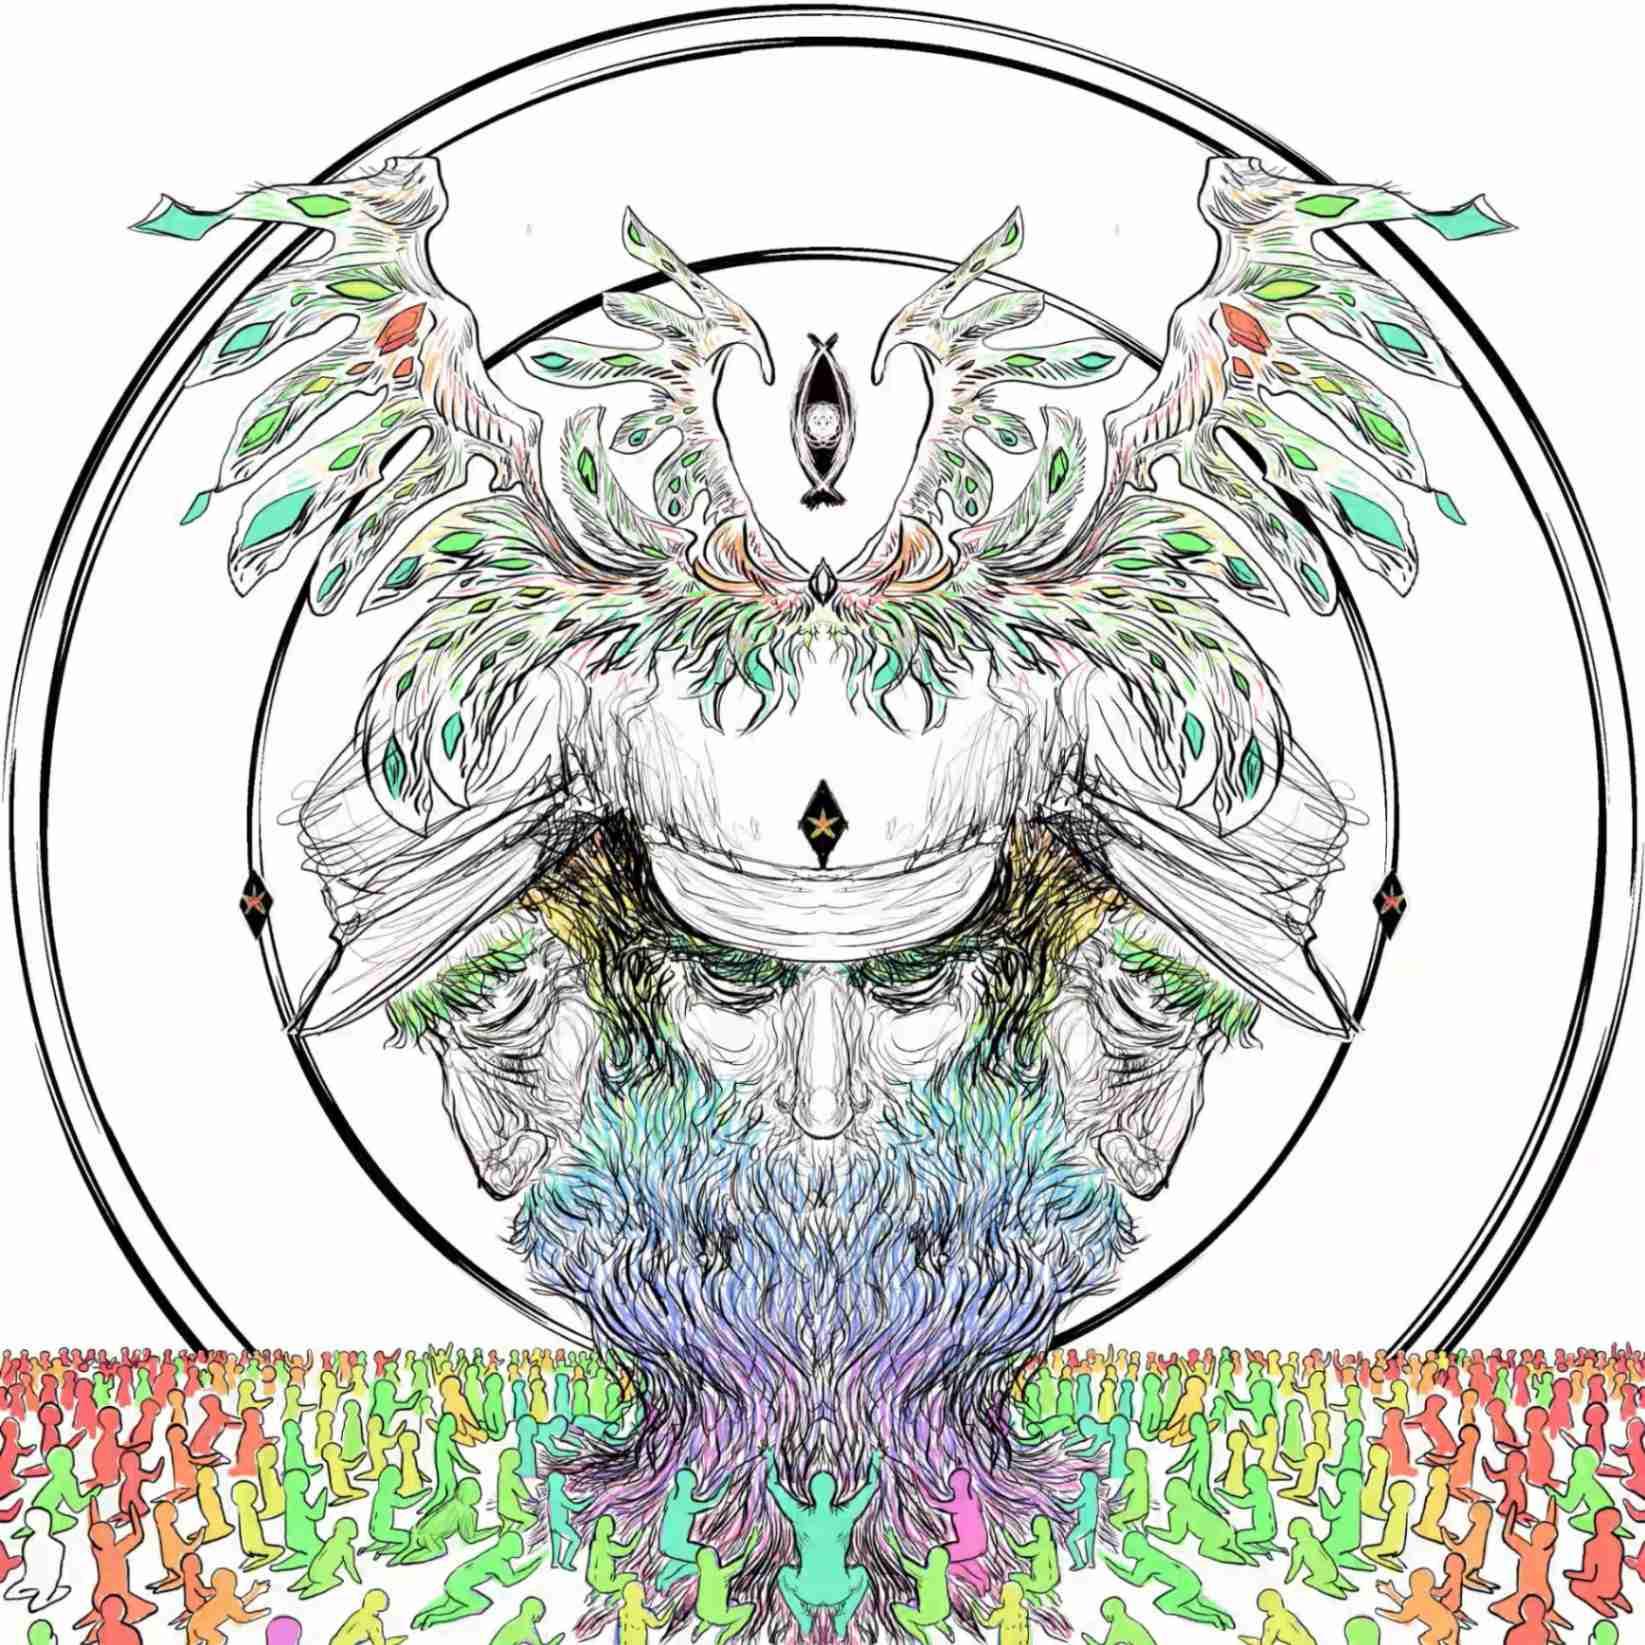 Obra: hyper hypnotic entity